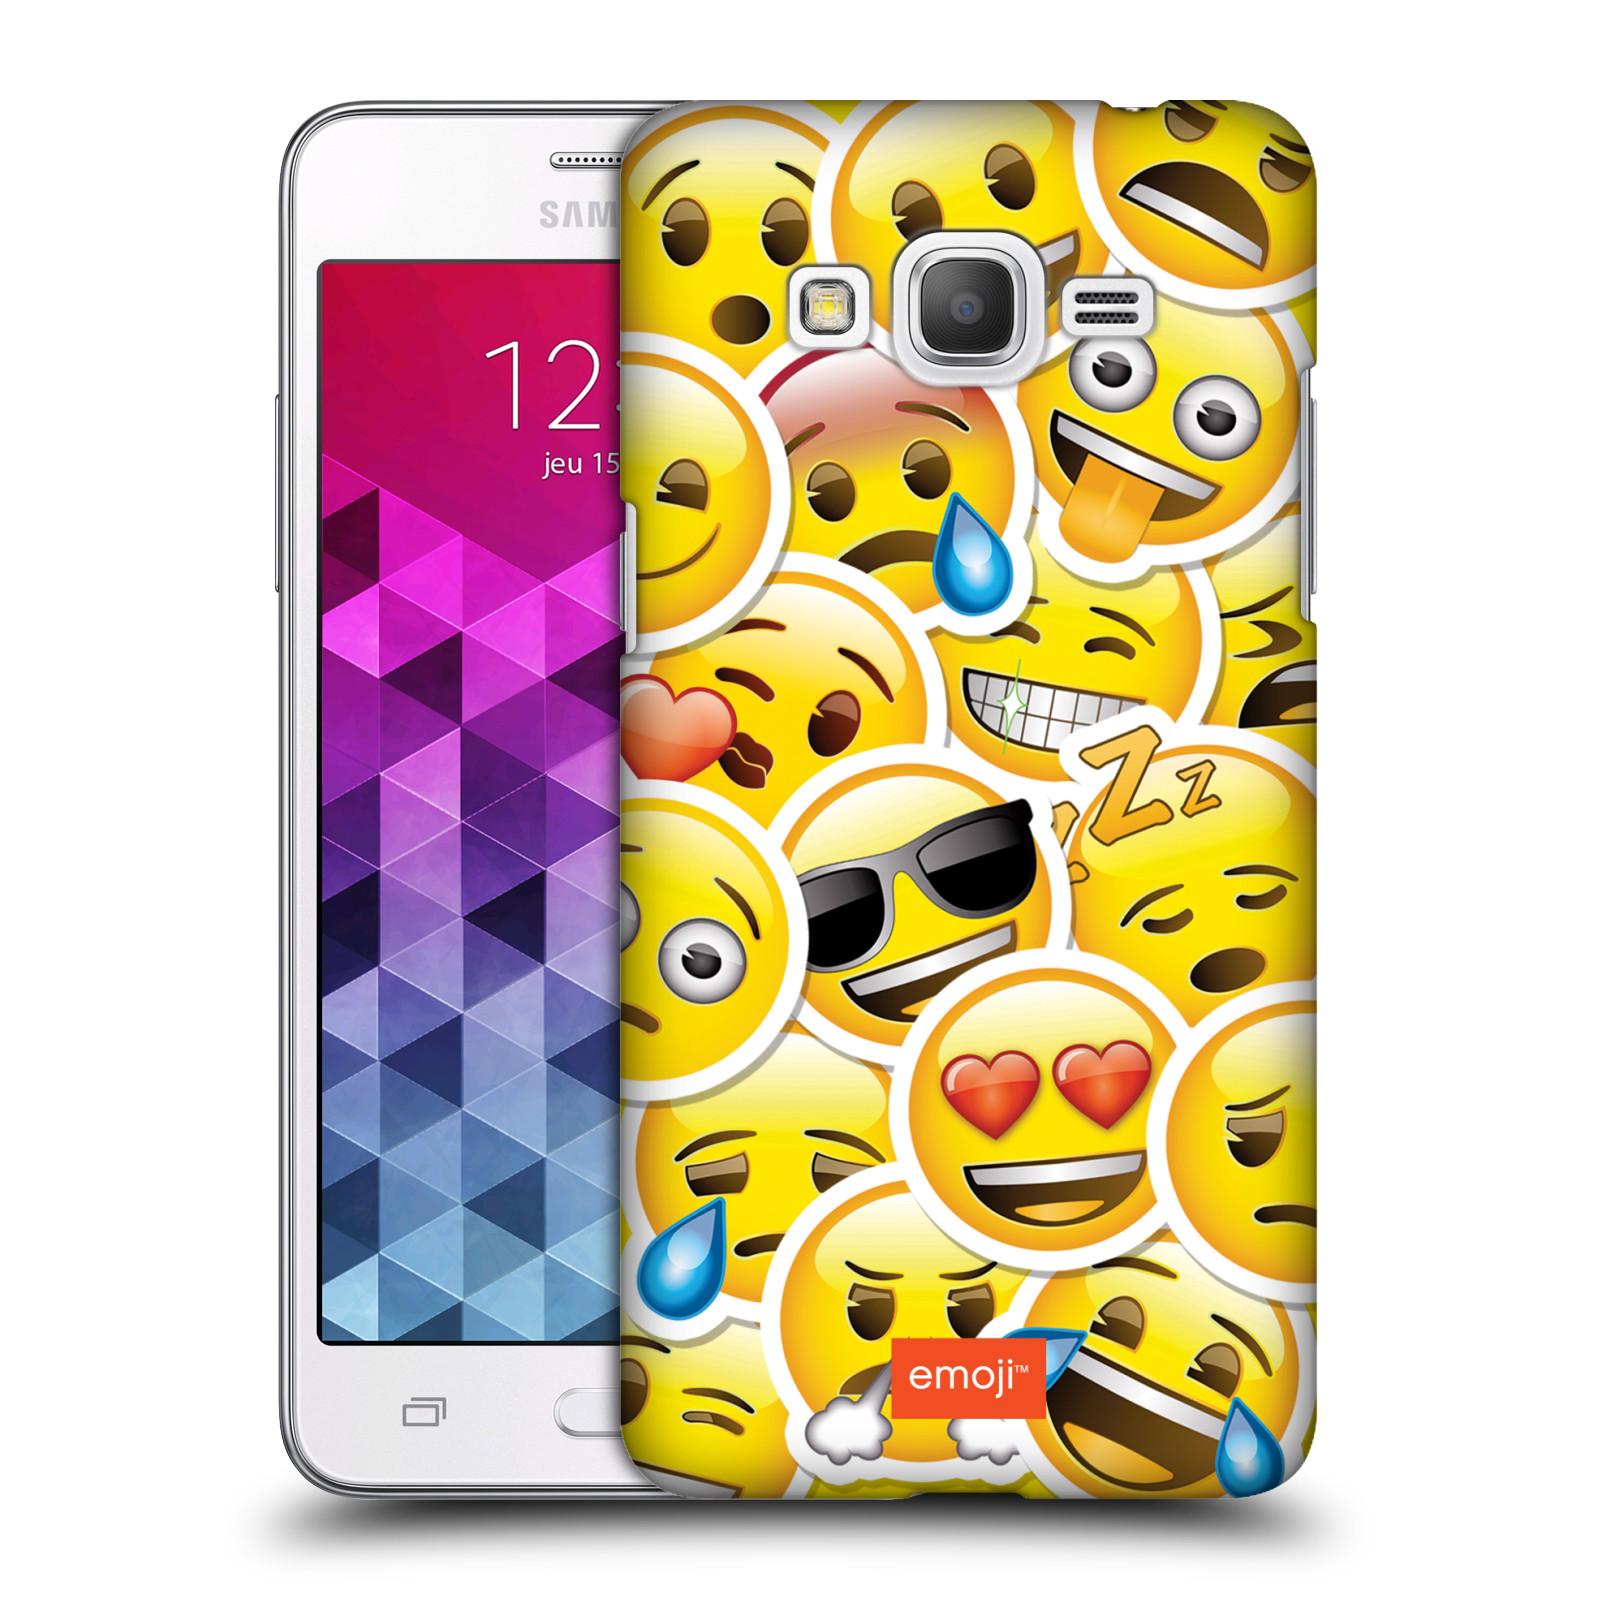 Plastové pouzdro na mobil Samsung Galaxy Grand Prime HEAD CASE EMOJI - Velcí smajlíci ZZ